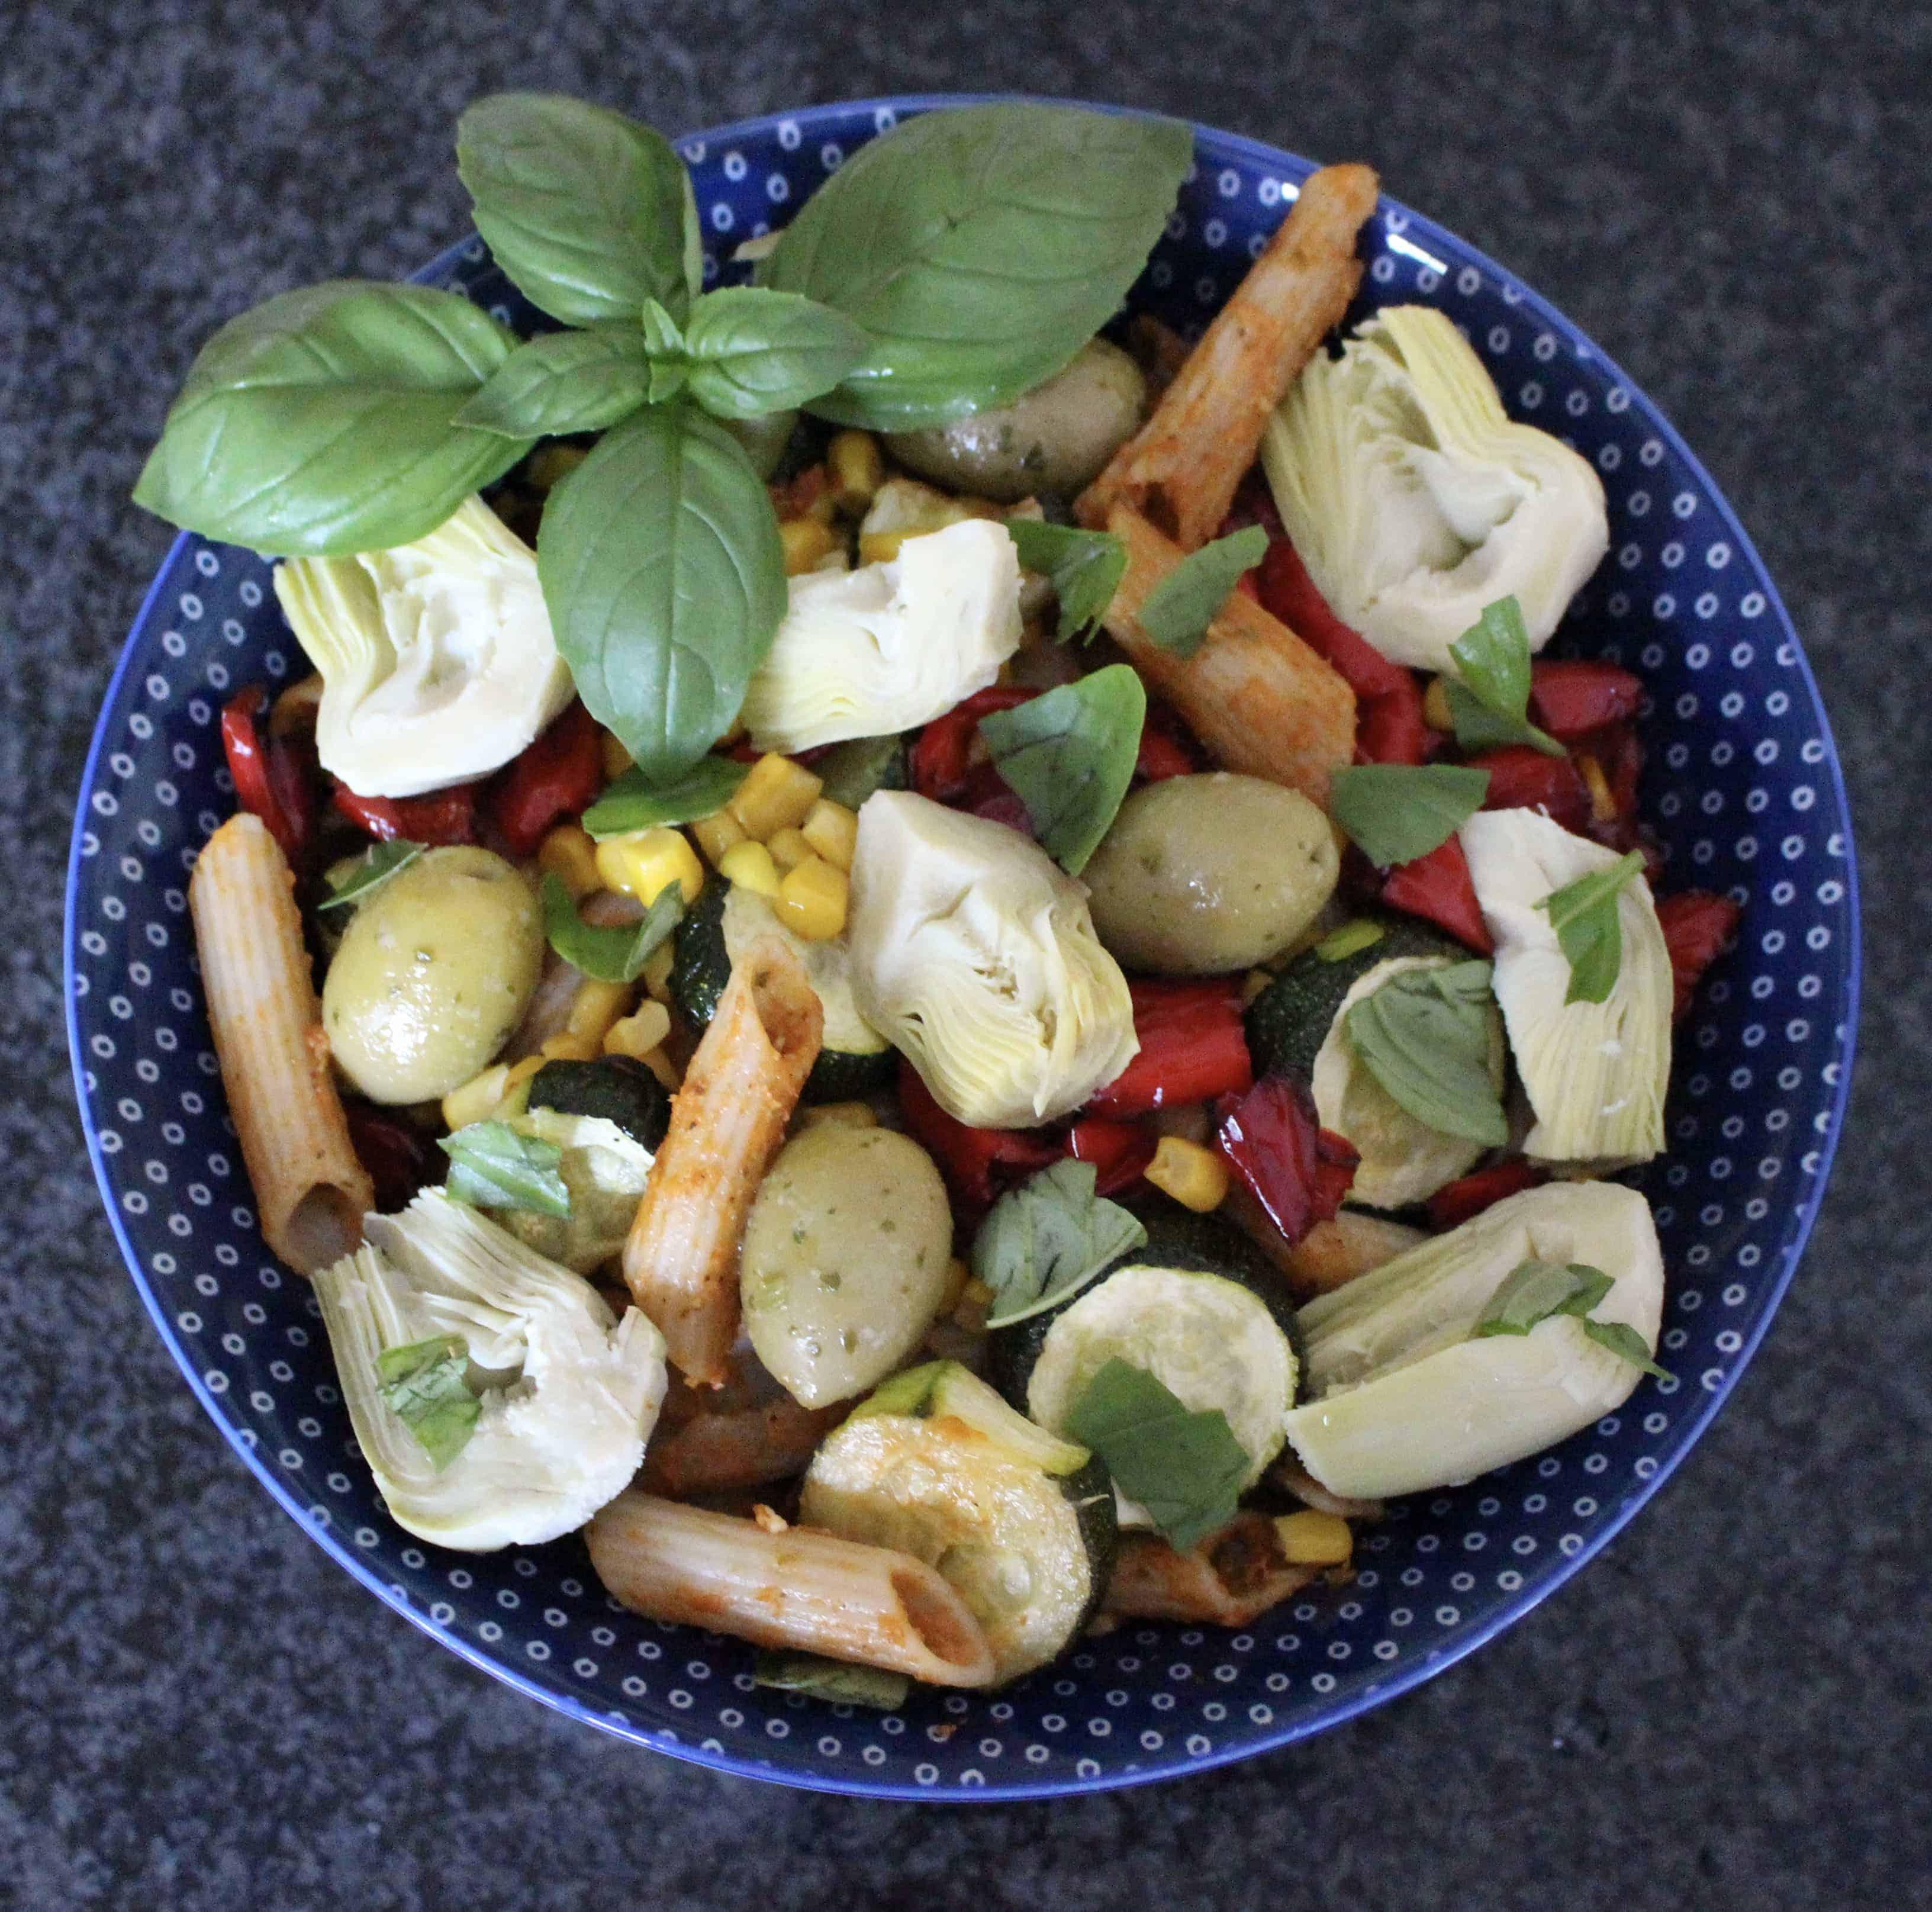 Sundried Tomato Pesto Pasta Salad (Vegan + GF)